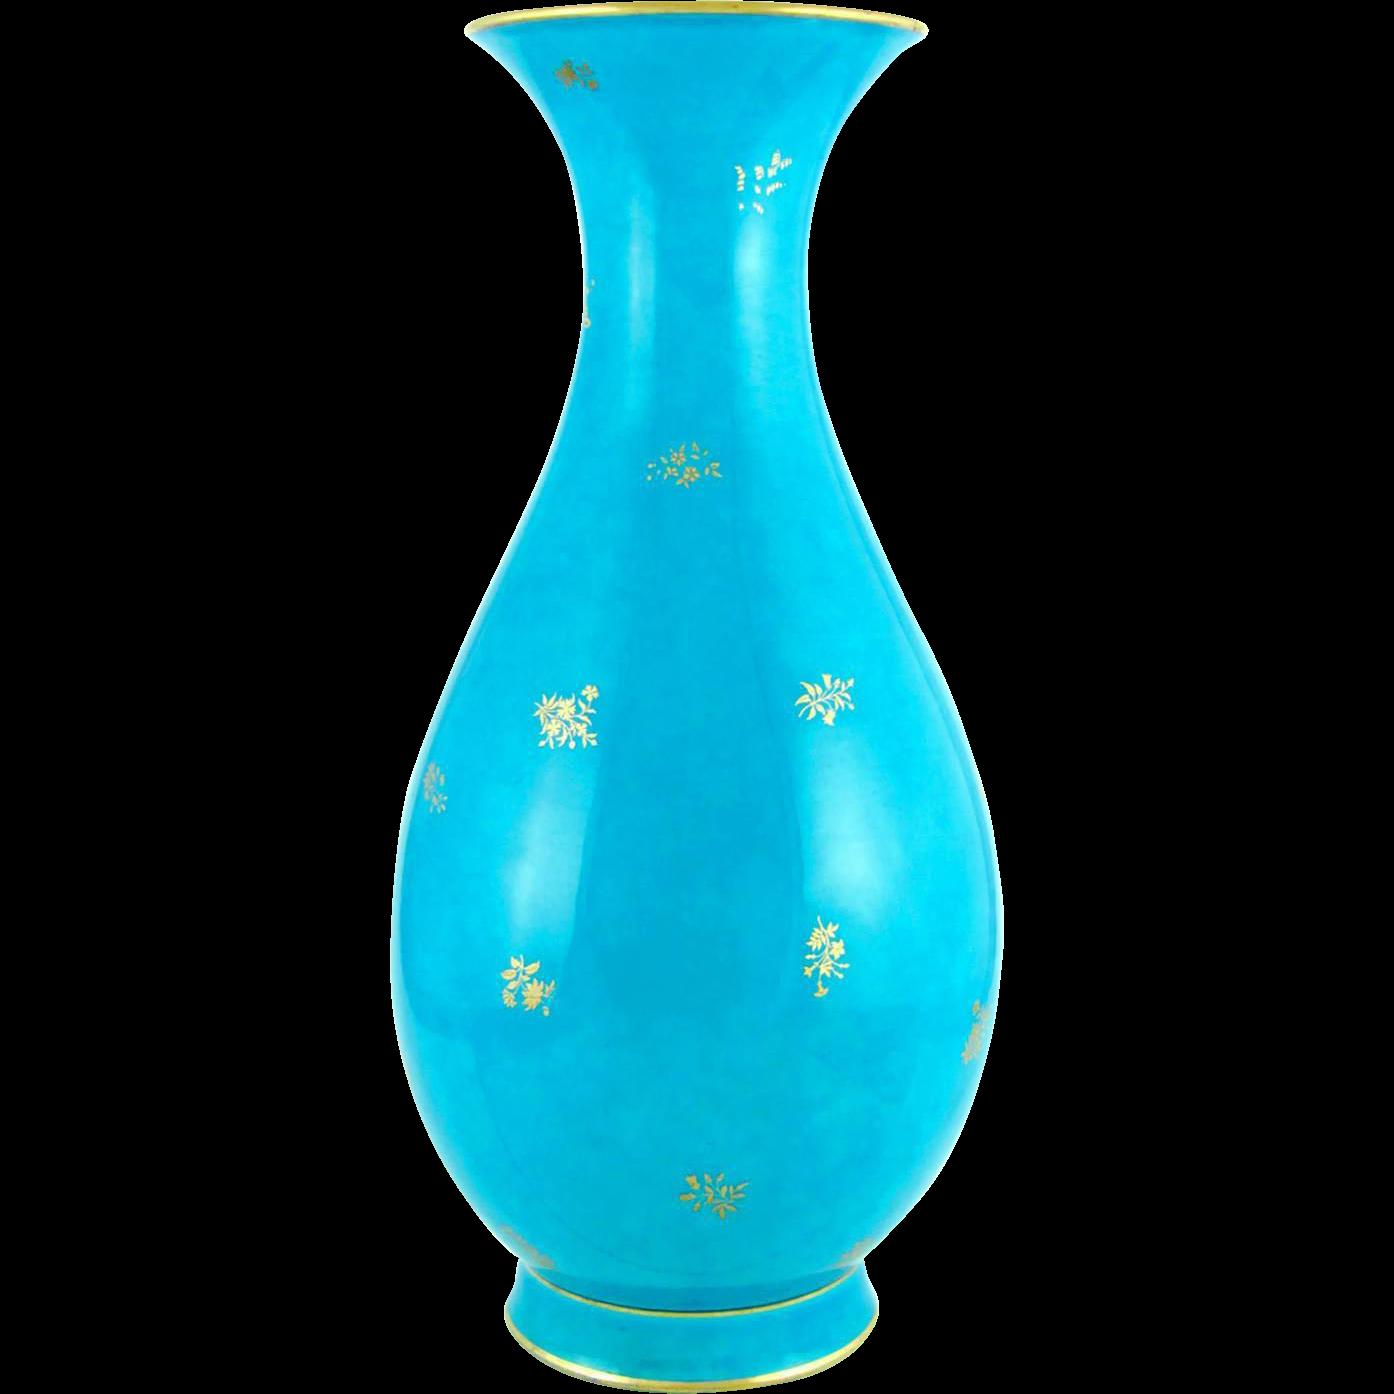 13 antique sevres french porcelain turquoise blue vase. Black Bedroom Furniture Sets. Home Design Ideas